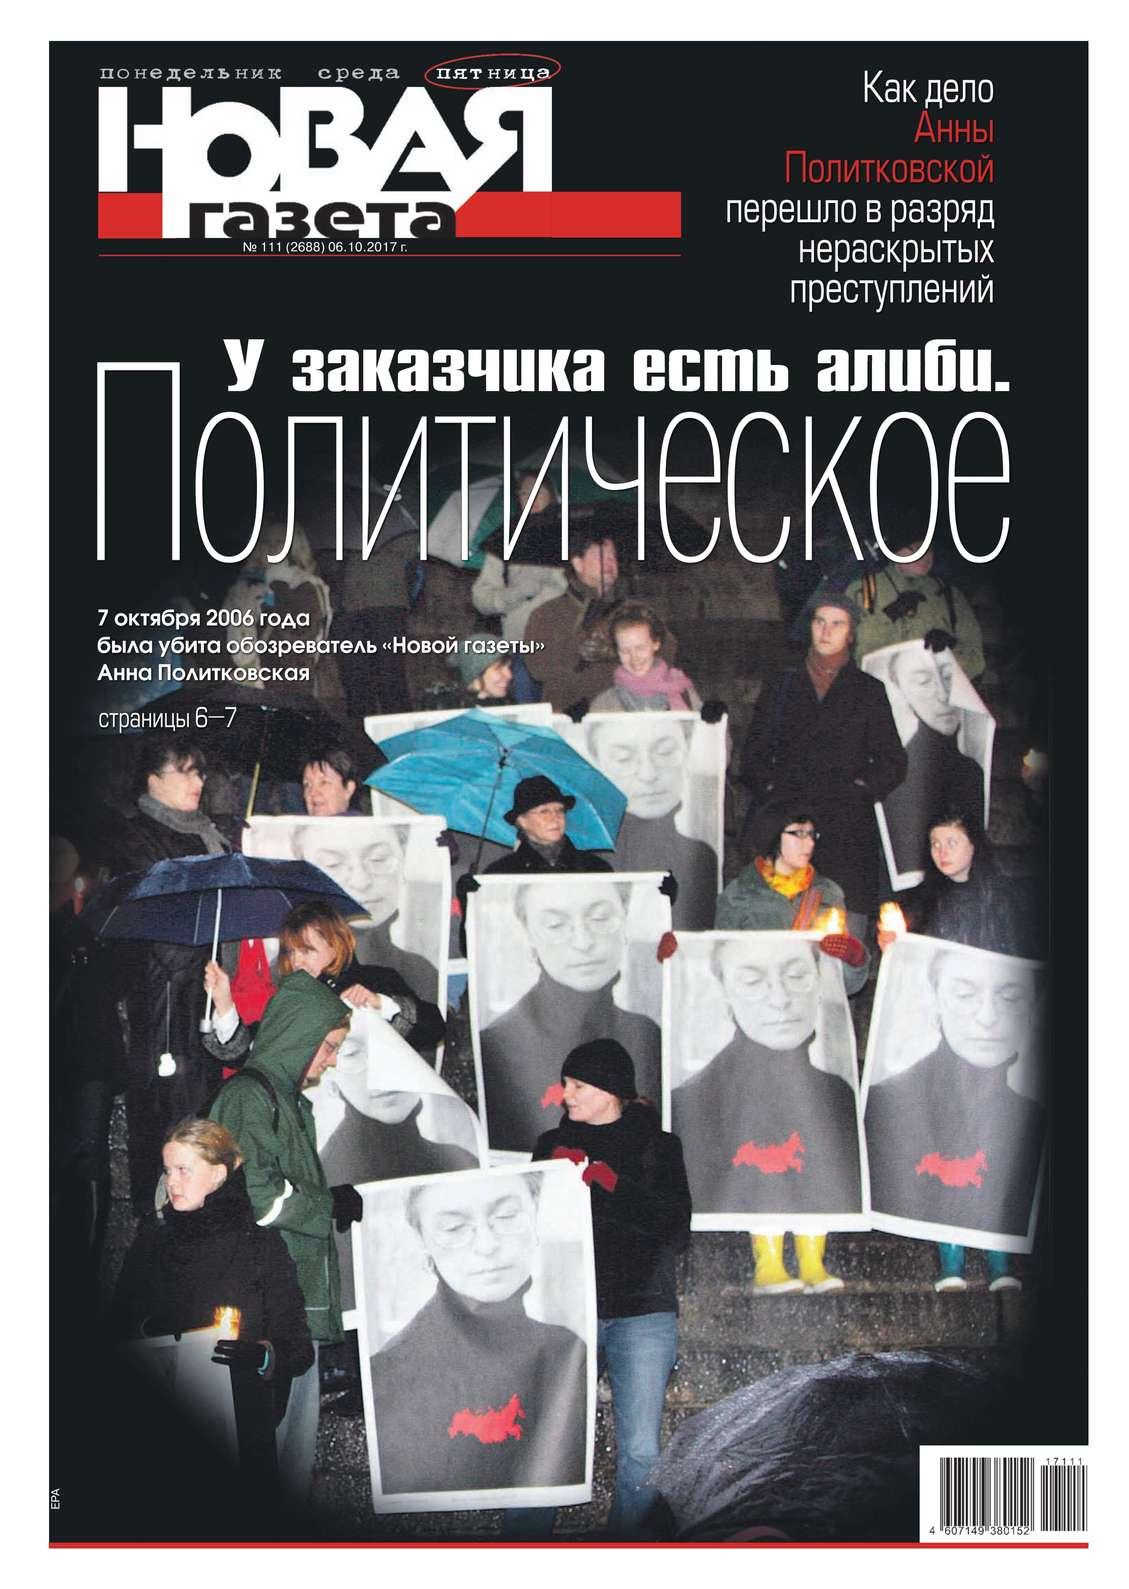 Новая Газета 111-2017